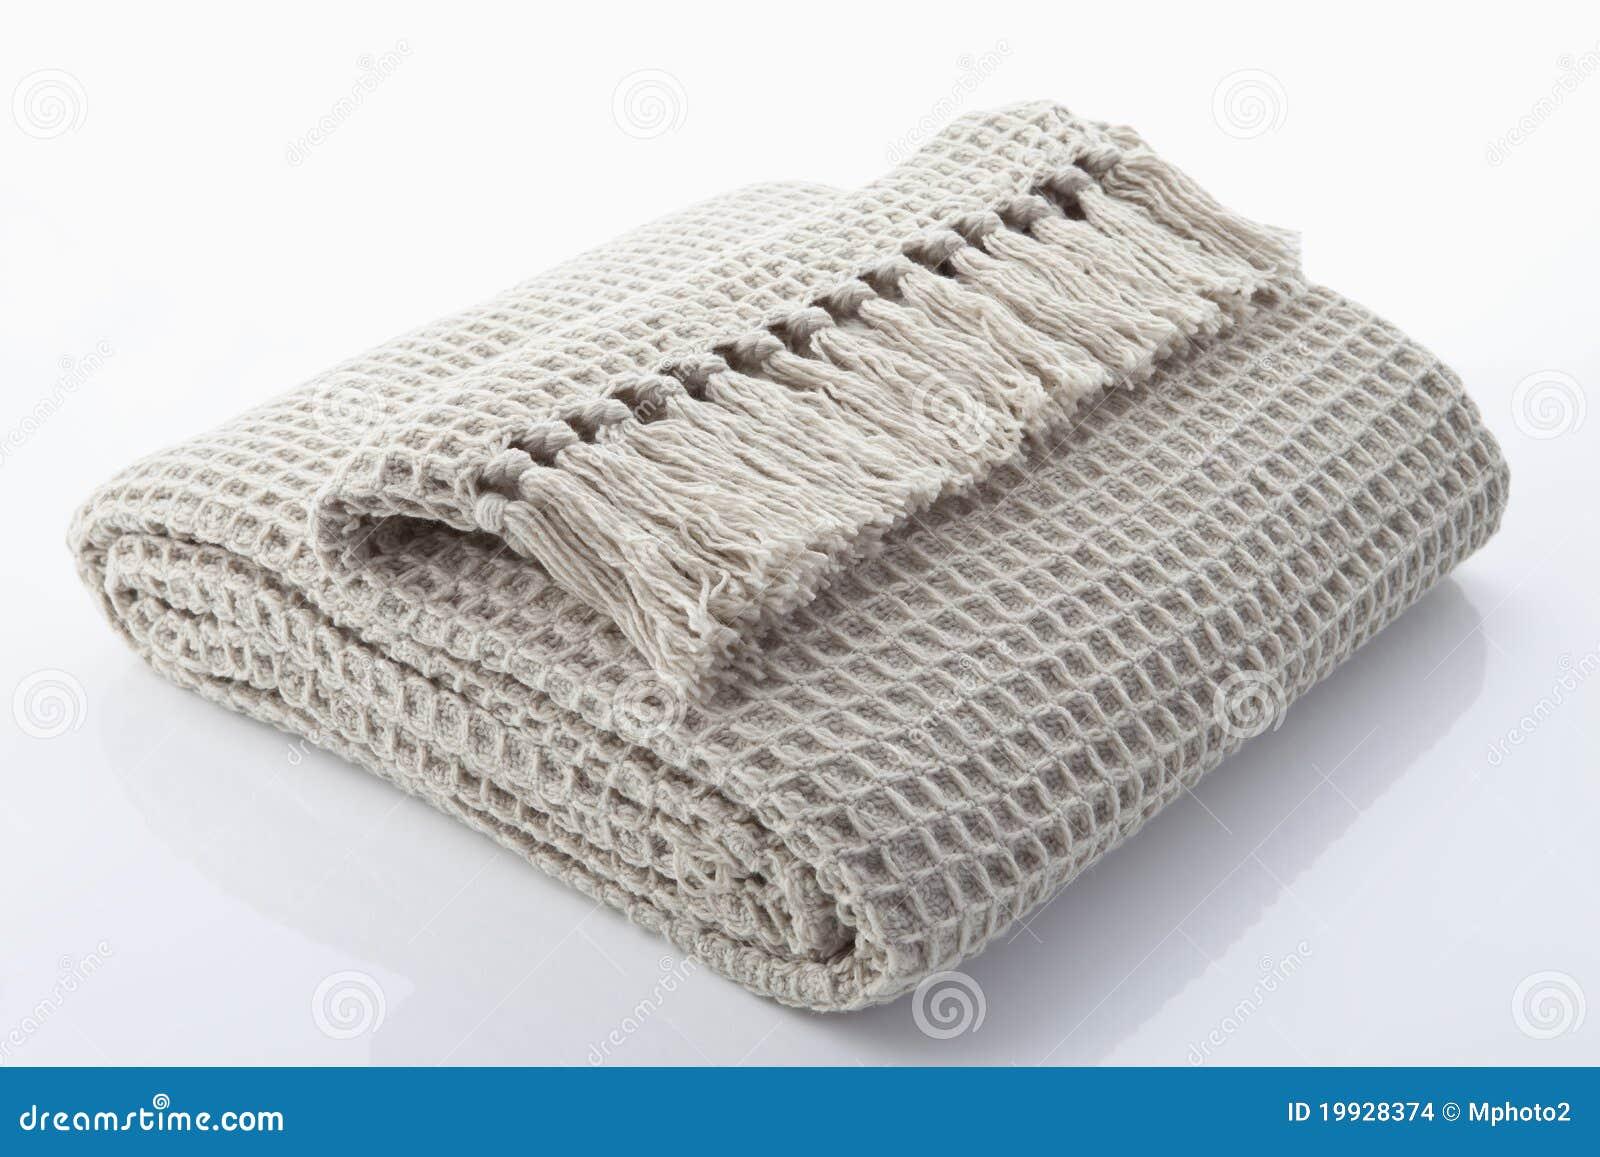 Coperta di lana immagini stock immagine 19928374 for Piani di coperta compositi